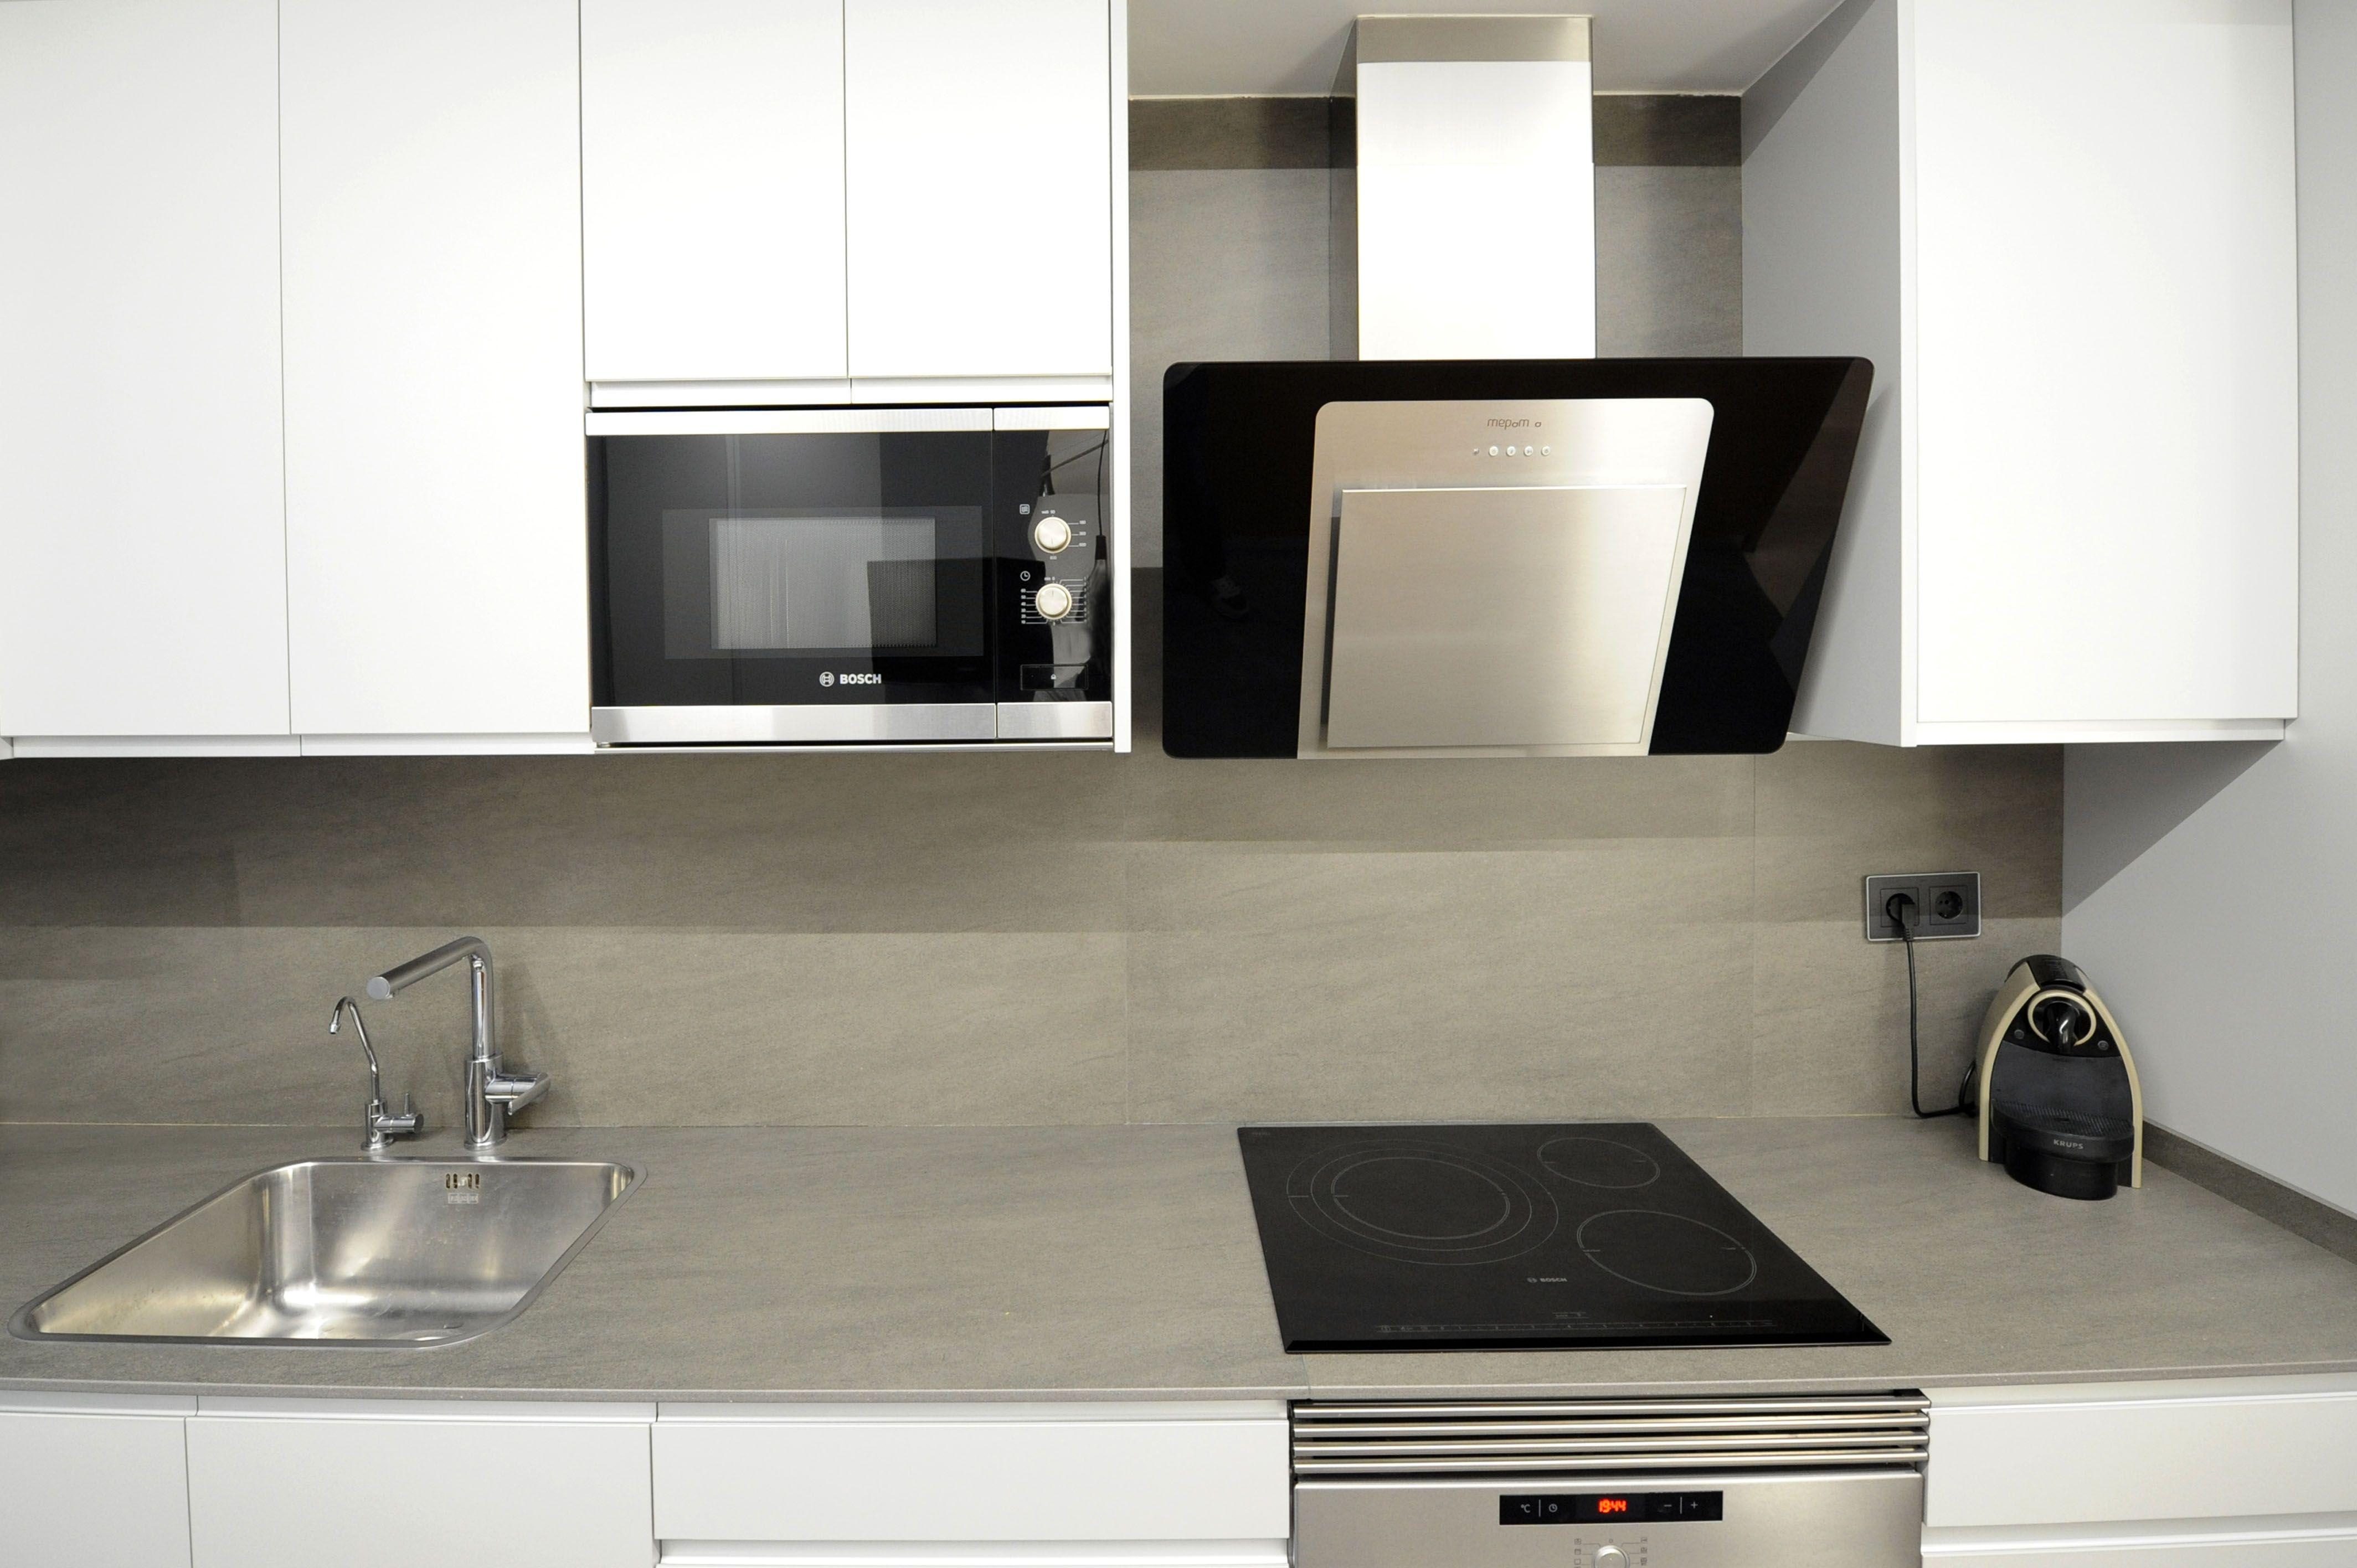 Mobiliario cocina dise o casa dise o for Mobiliario cocina